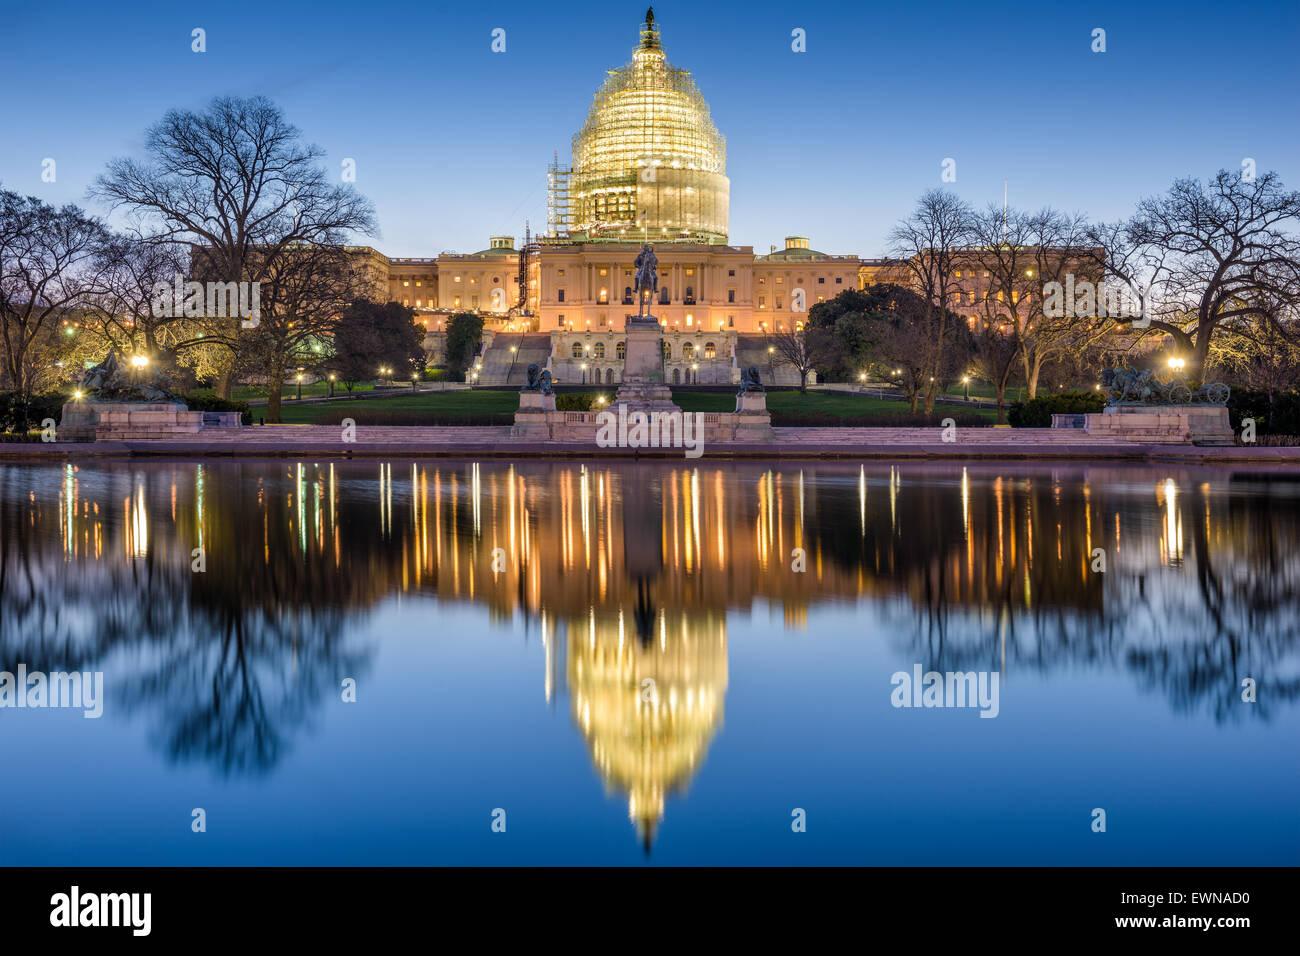 Washington, DC, en el Edificio del Capitolio. Imagen De Stock